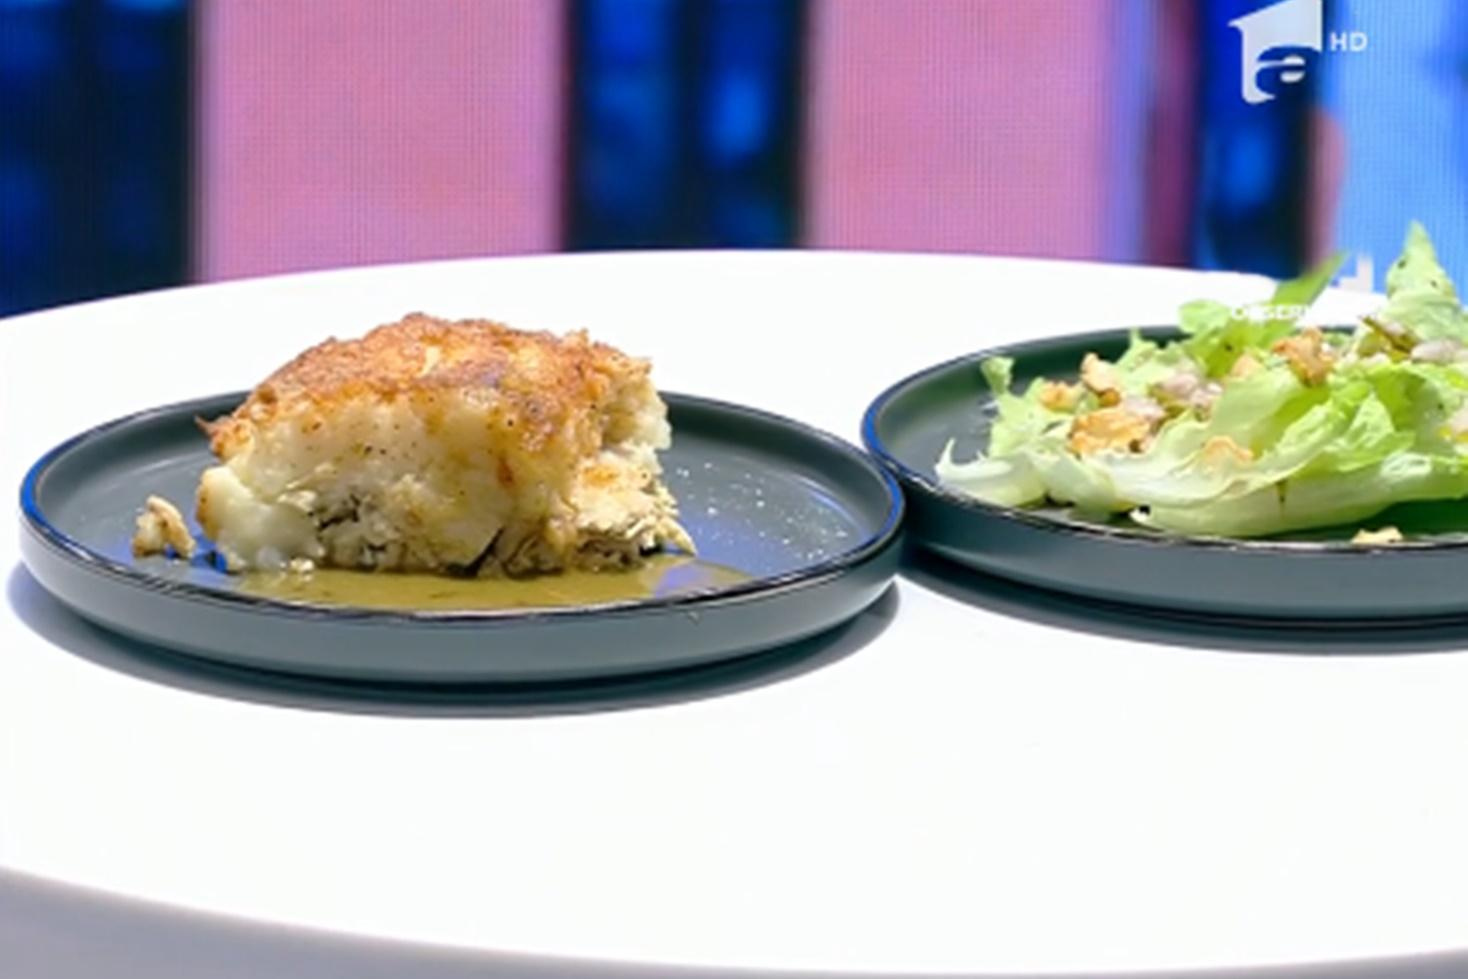 Rețetă de pui la rotisor și tartă de cartofi cu pui, preparată de Nicolai Tand la neatza cu Răzvan și Dani